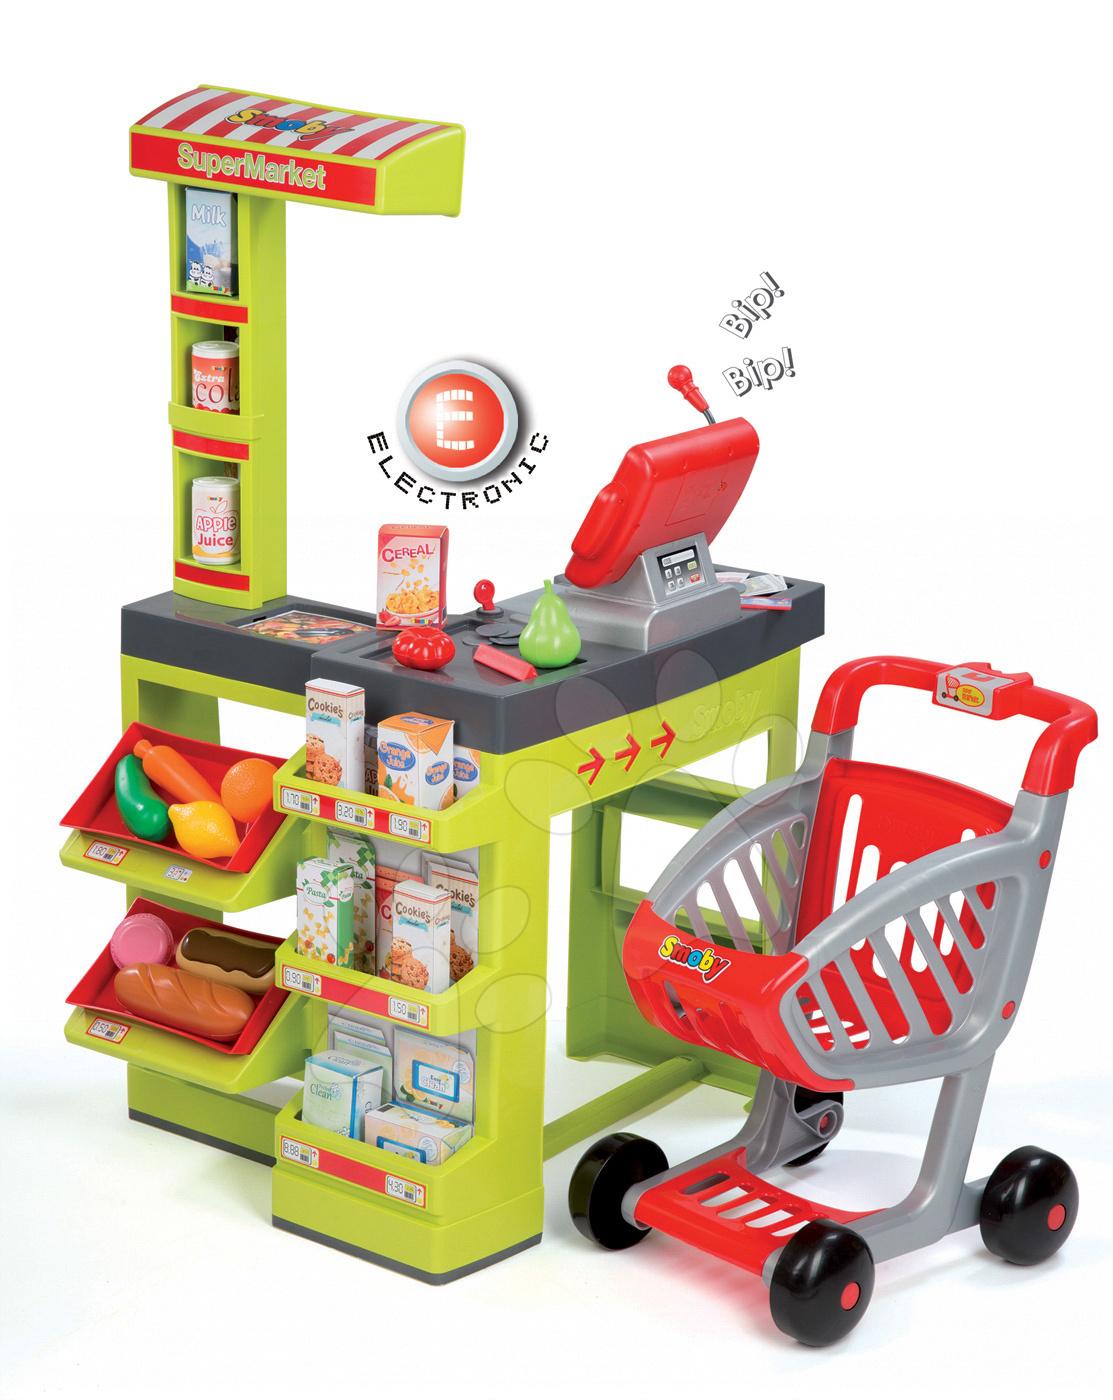 Obchody pro děti - Obchod Supermarket Smoby s elektronickou pokladnou, vozíkem, potravinami a 44 doplňky zelený